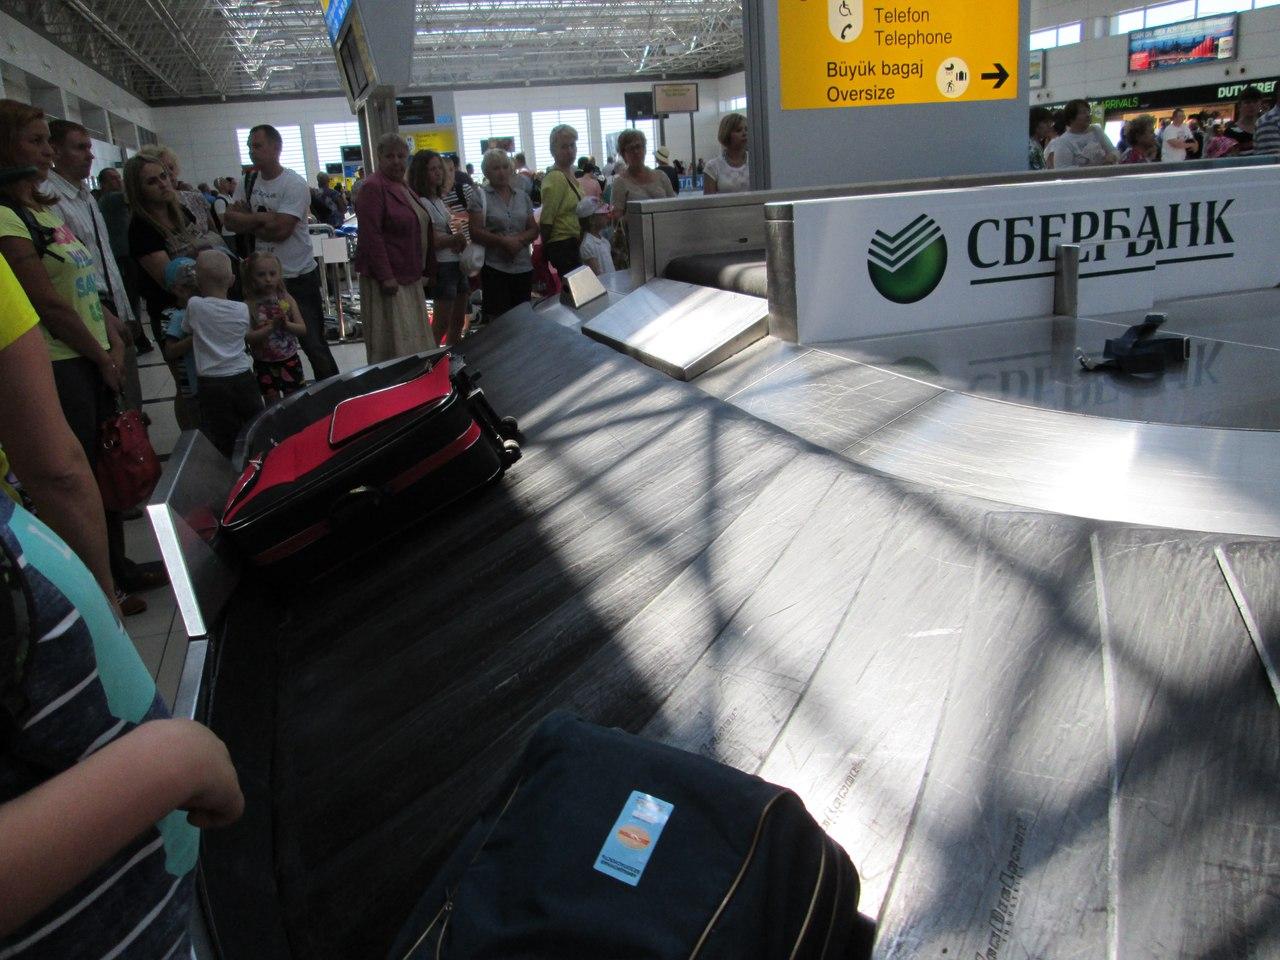 В аэропорту Анталии. В ожидании багажа.